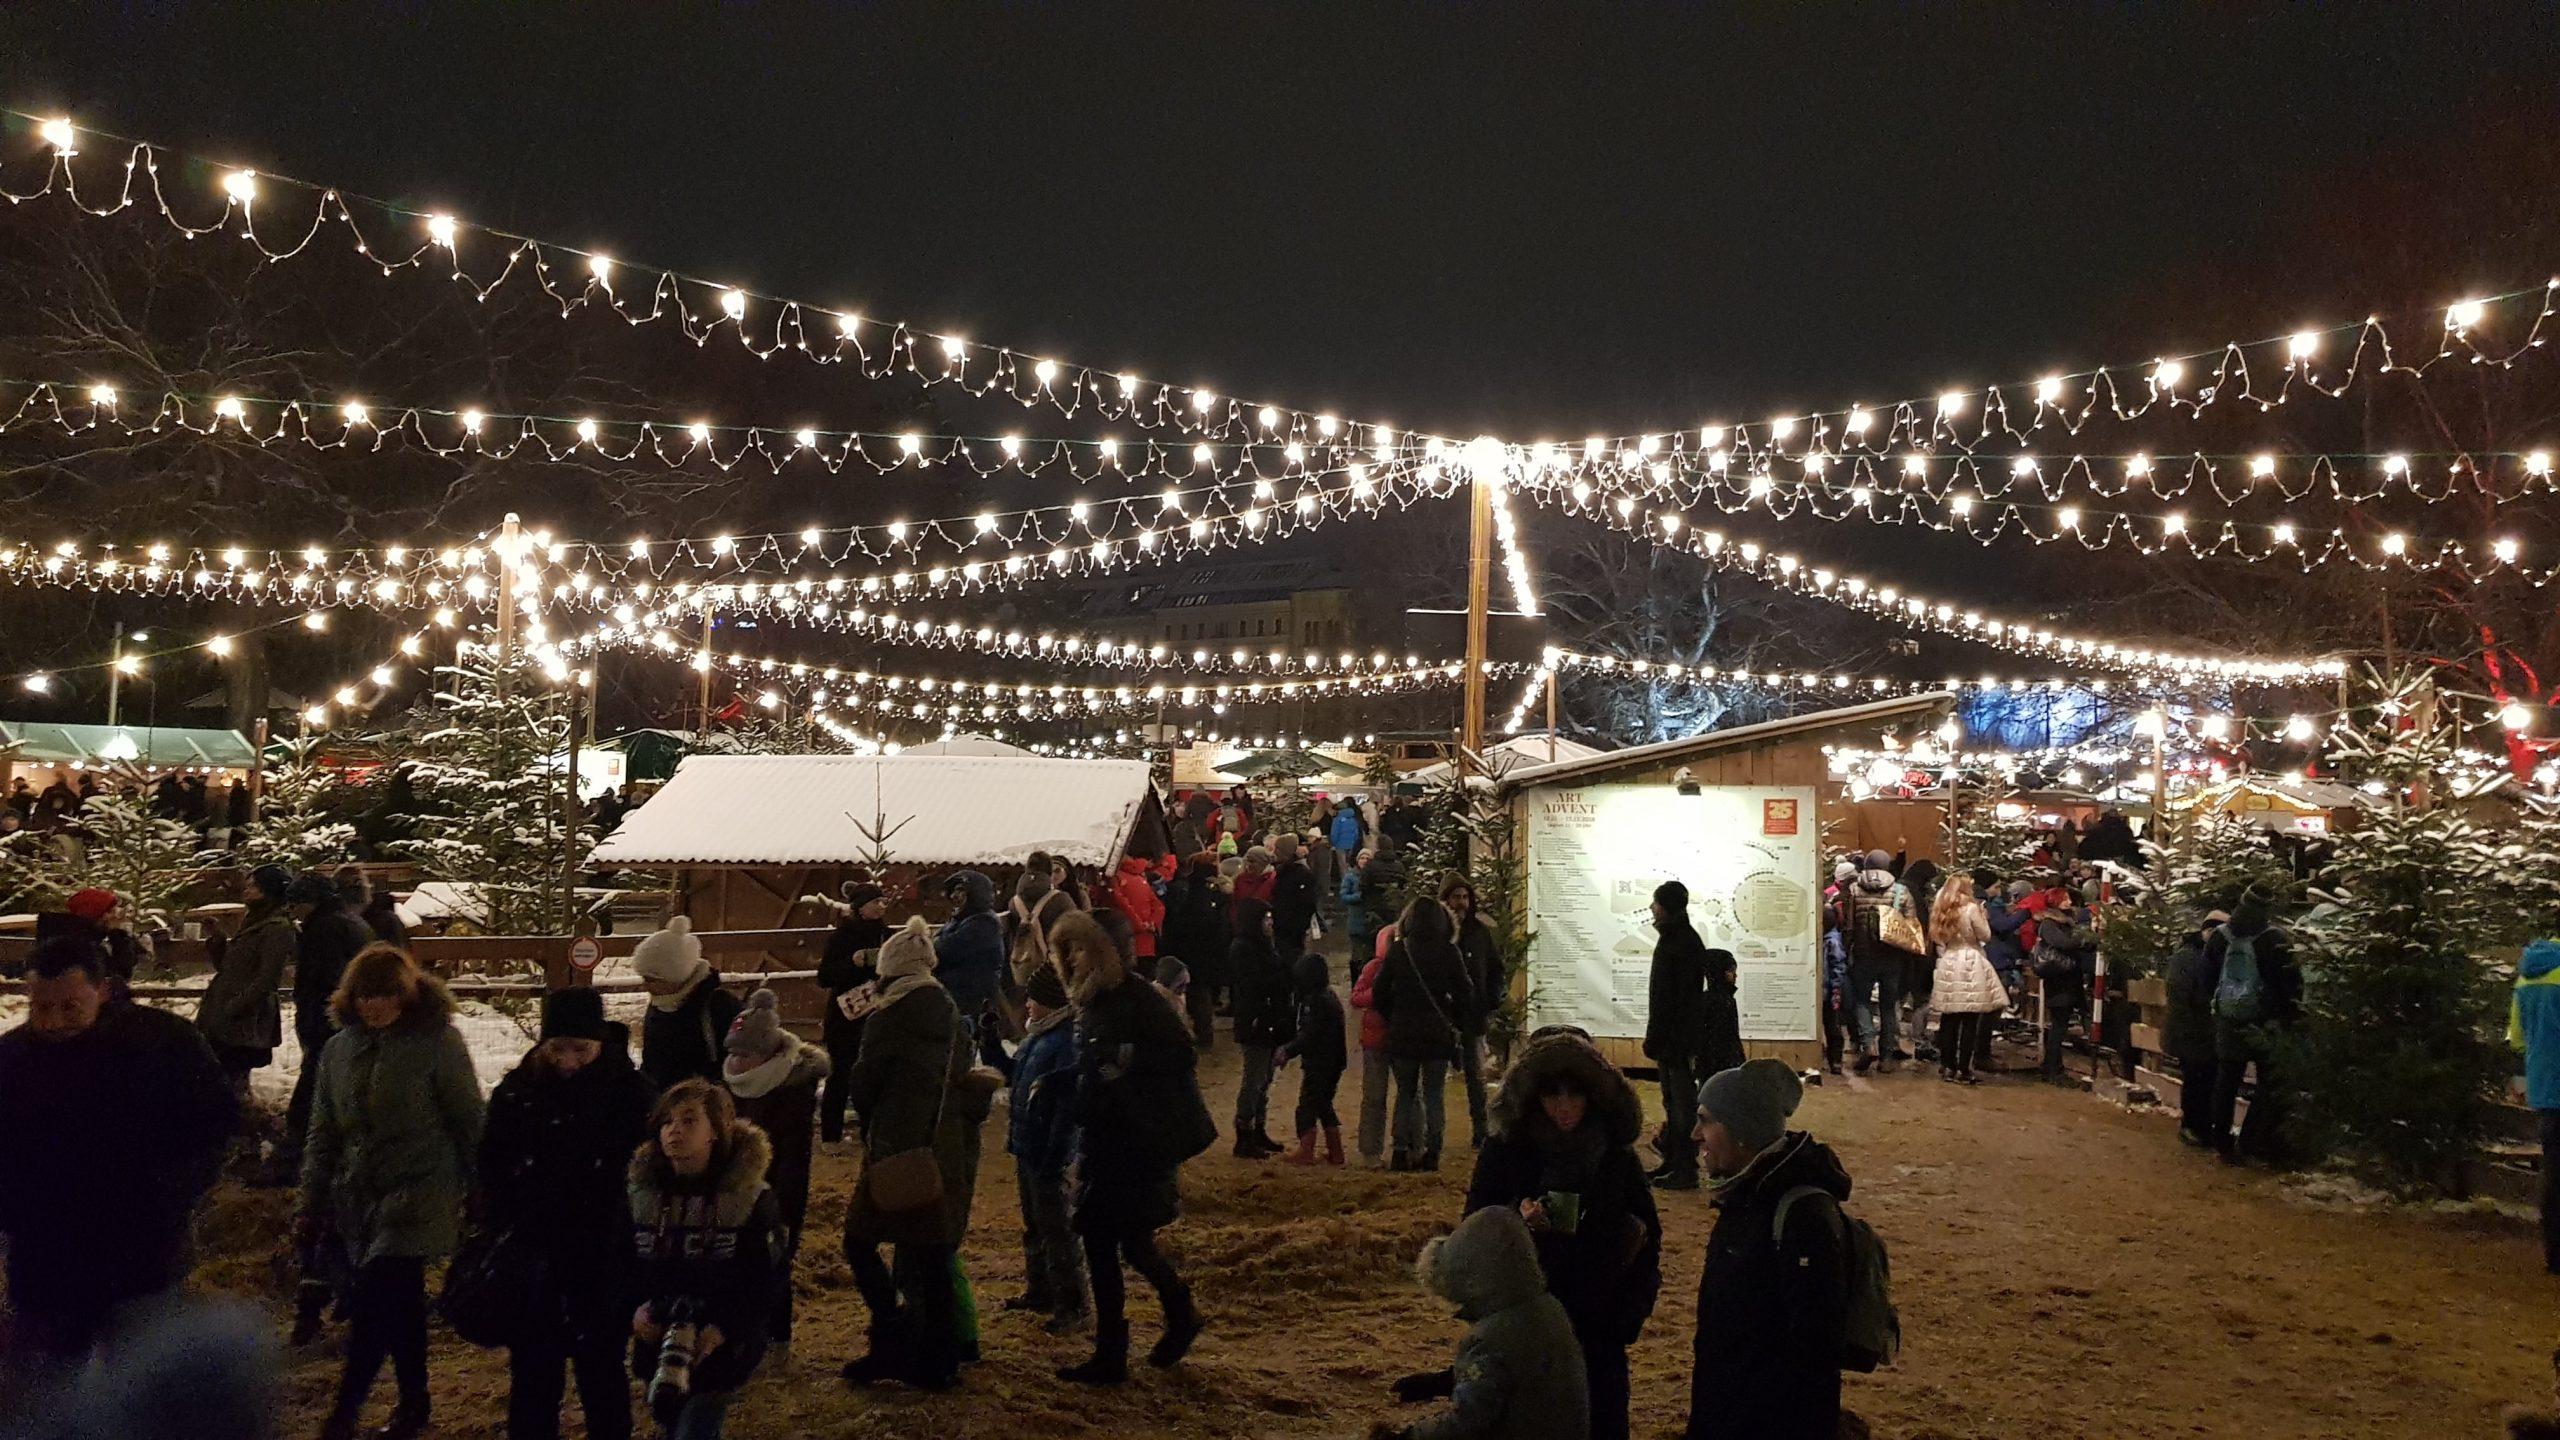 Mercado de navidad de Naschmarkt en Viena por la noche